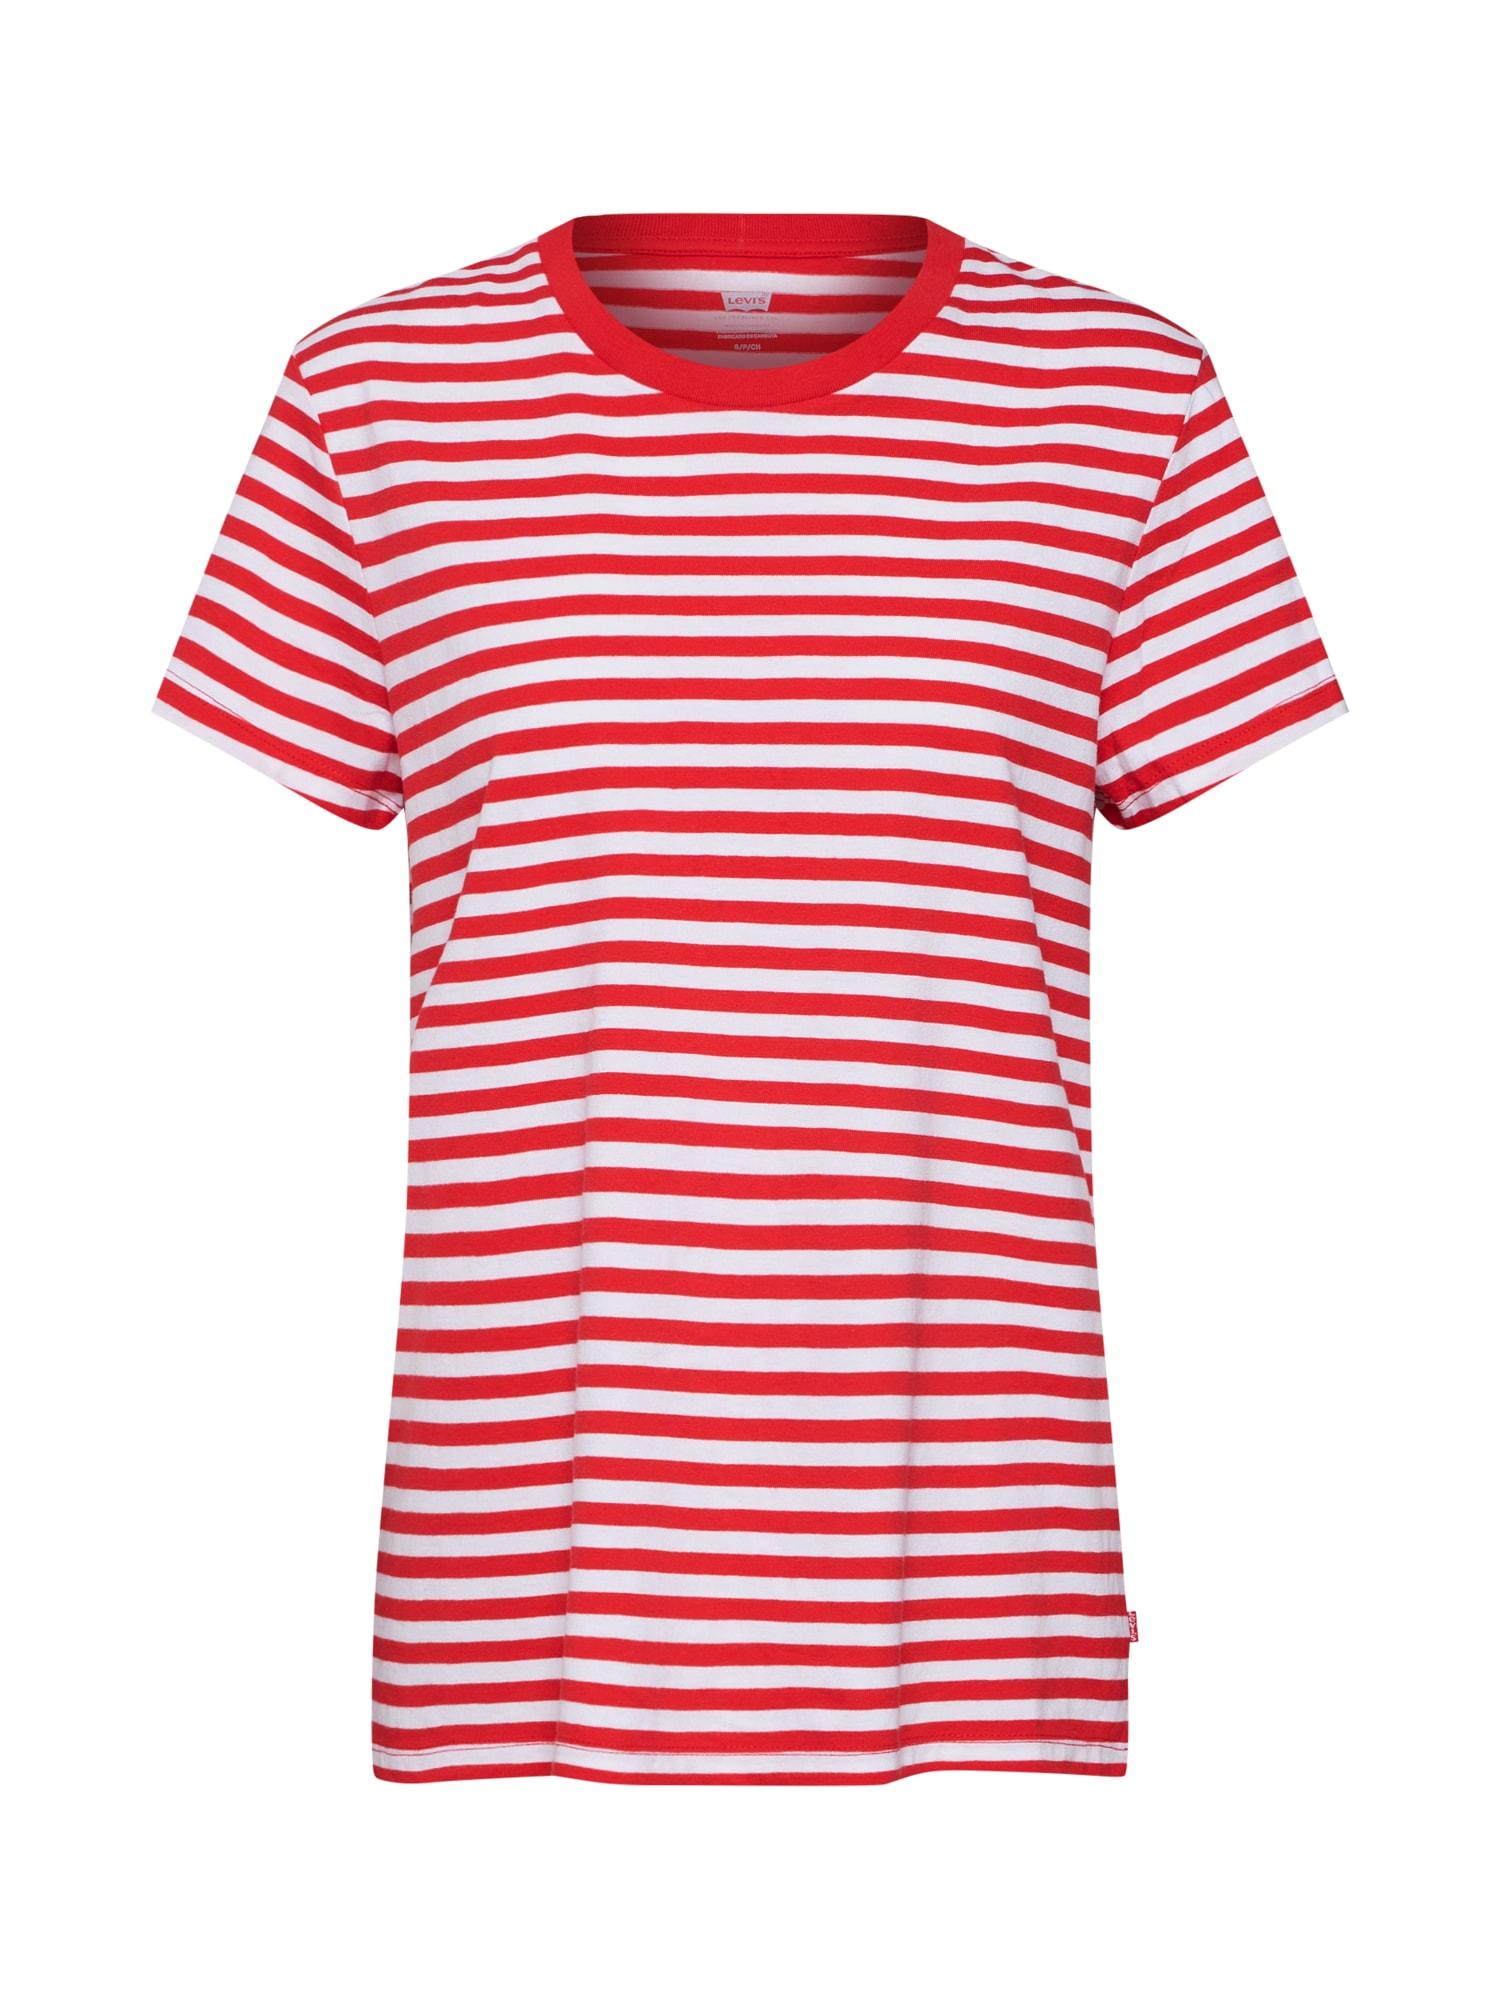 LEVIS Tričko The Perfect Tee červená bílá LEVI'S